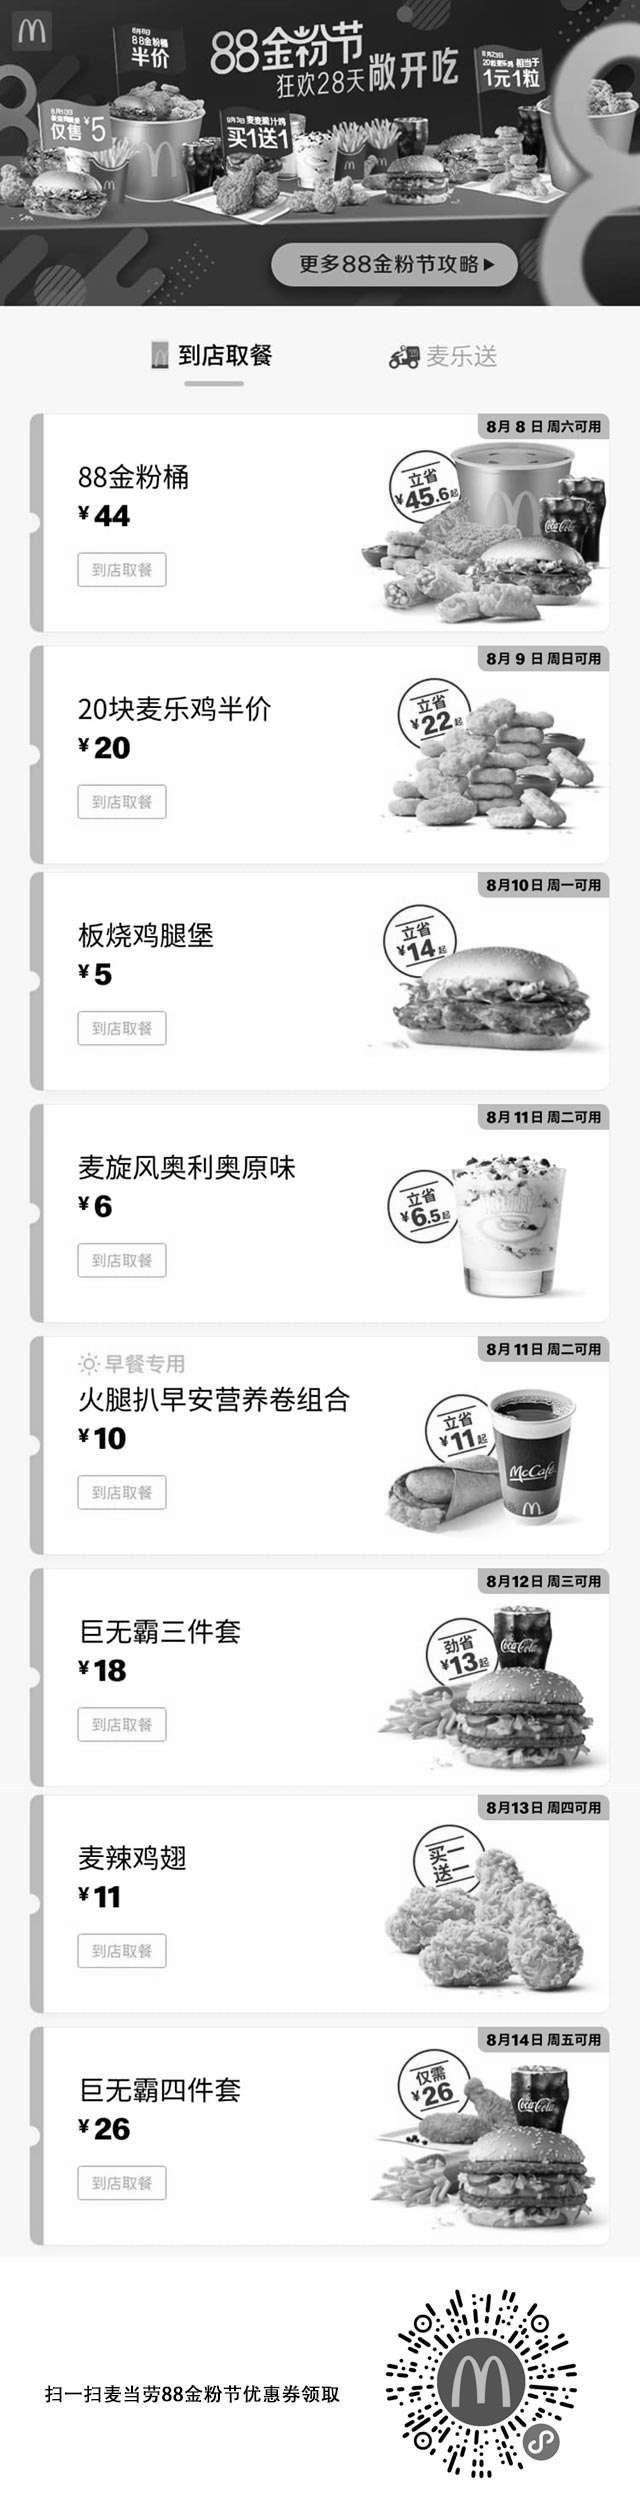 黑白优惠券图片:麦当劳88金粉节优惠券,半价桶、买一送一 狂欢28天 - www.5ikfc.com